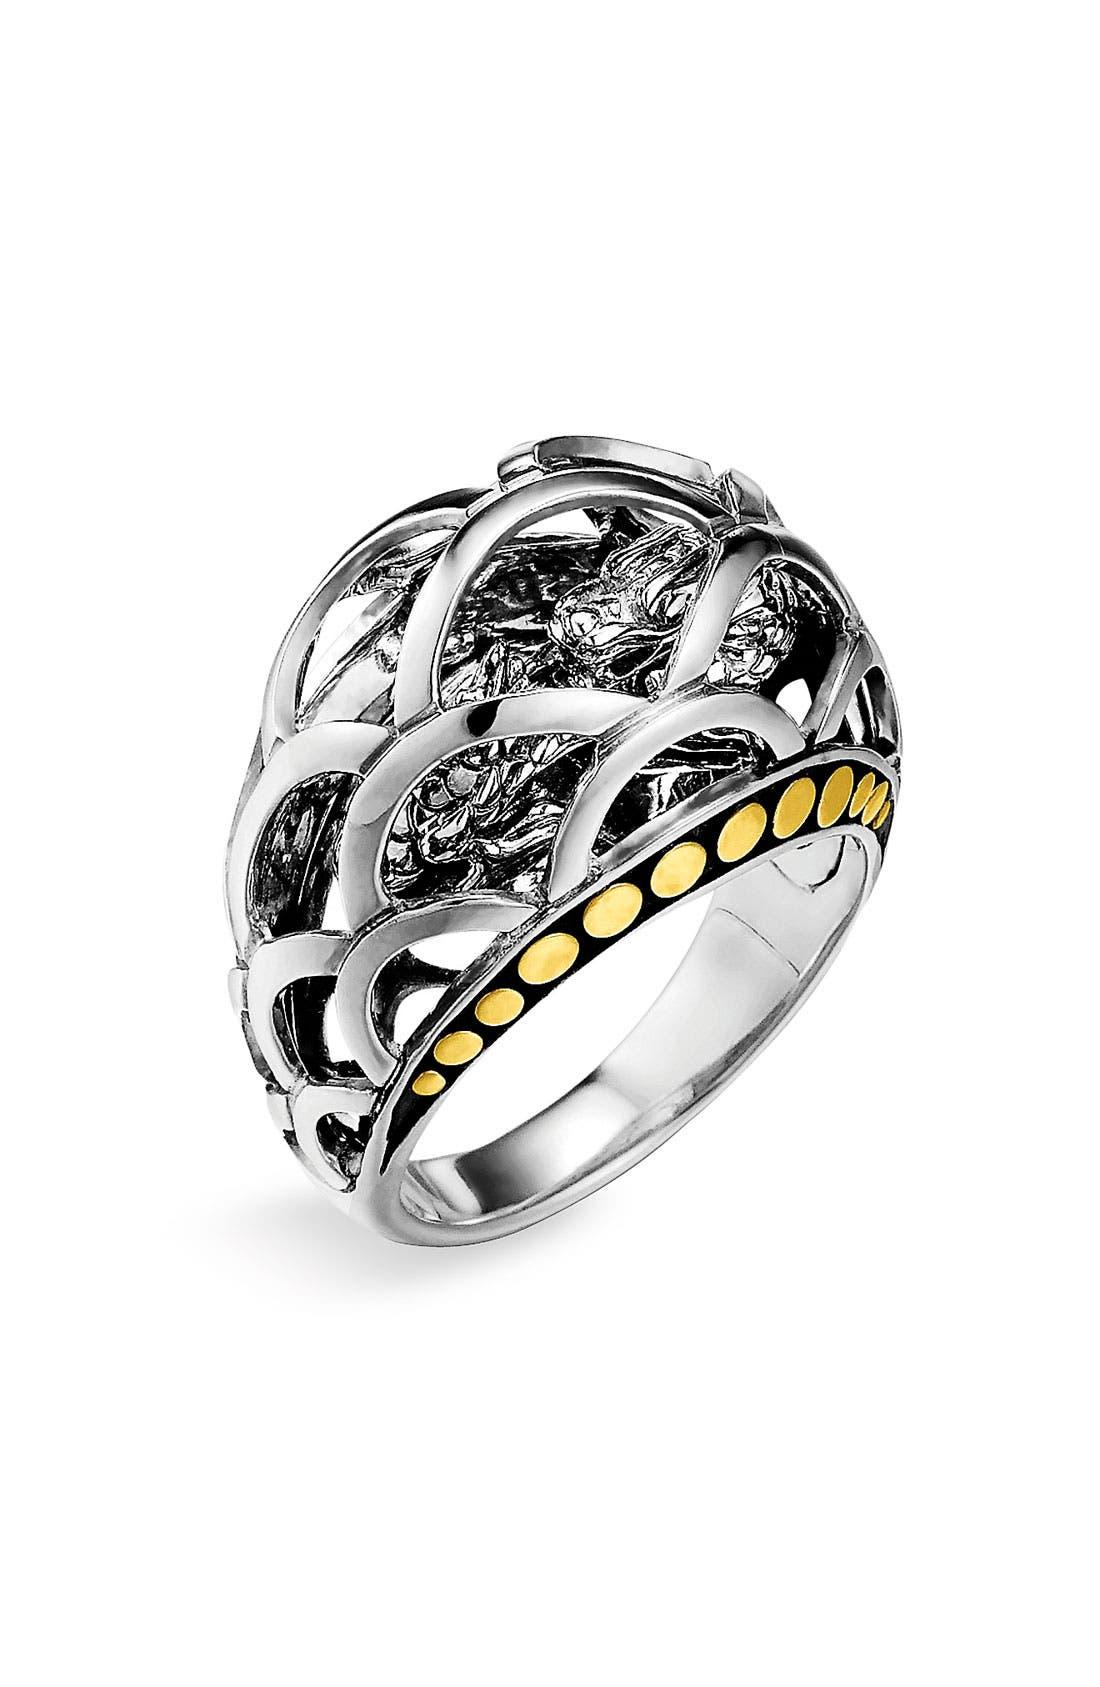 Main Image - John Hardy 'Naga' Small Dome Ring